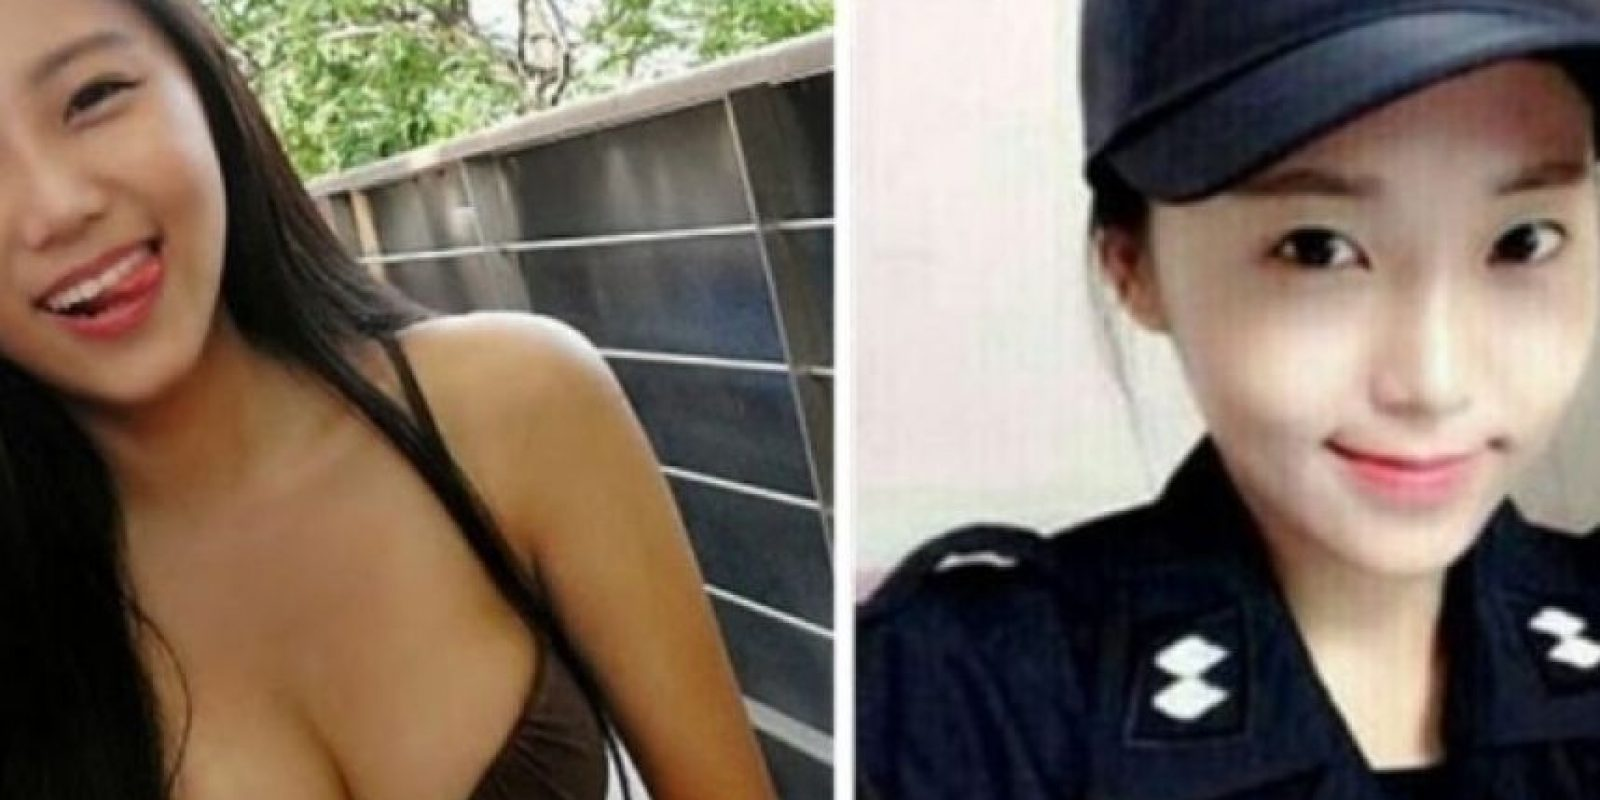 """Debido a una foto publicada en sus redes sociales portando su nuevo uniforme, Kim se hizo viral, pues su belleza dejó impactados a sus seguidores, quienes enseguida la llamaron """"La más bella mujer policía"""", compartió el sitio de noticias en Corea """"Dispatch"""". Foto:Twitter.com – Archivo"""